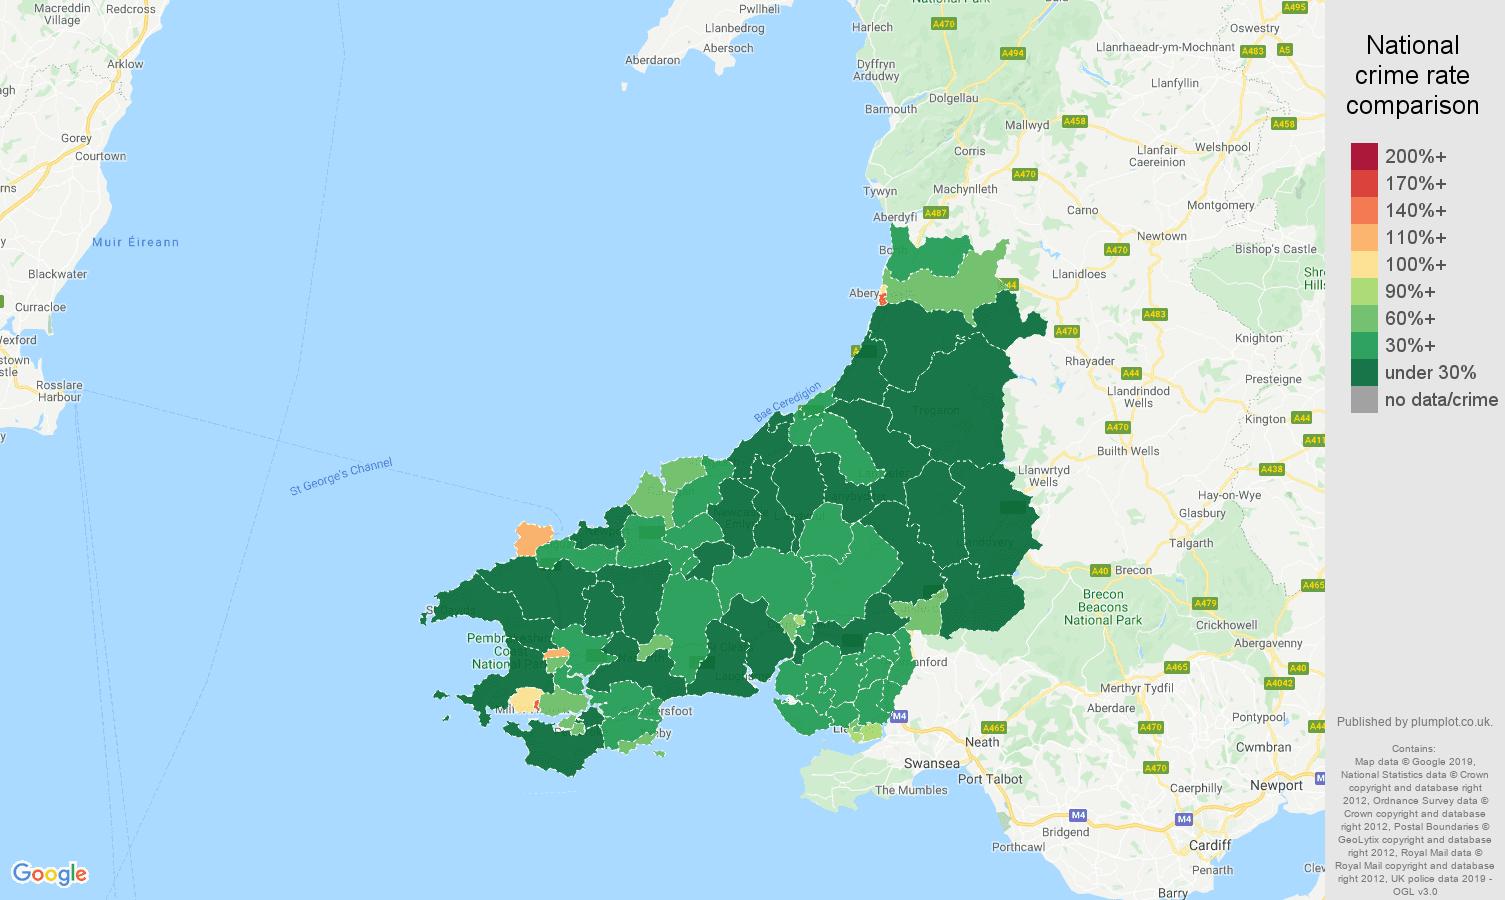 Dyfed public order crime rate comparison map